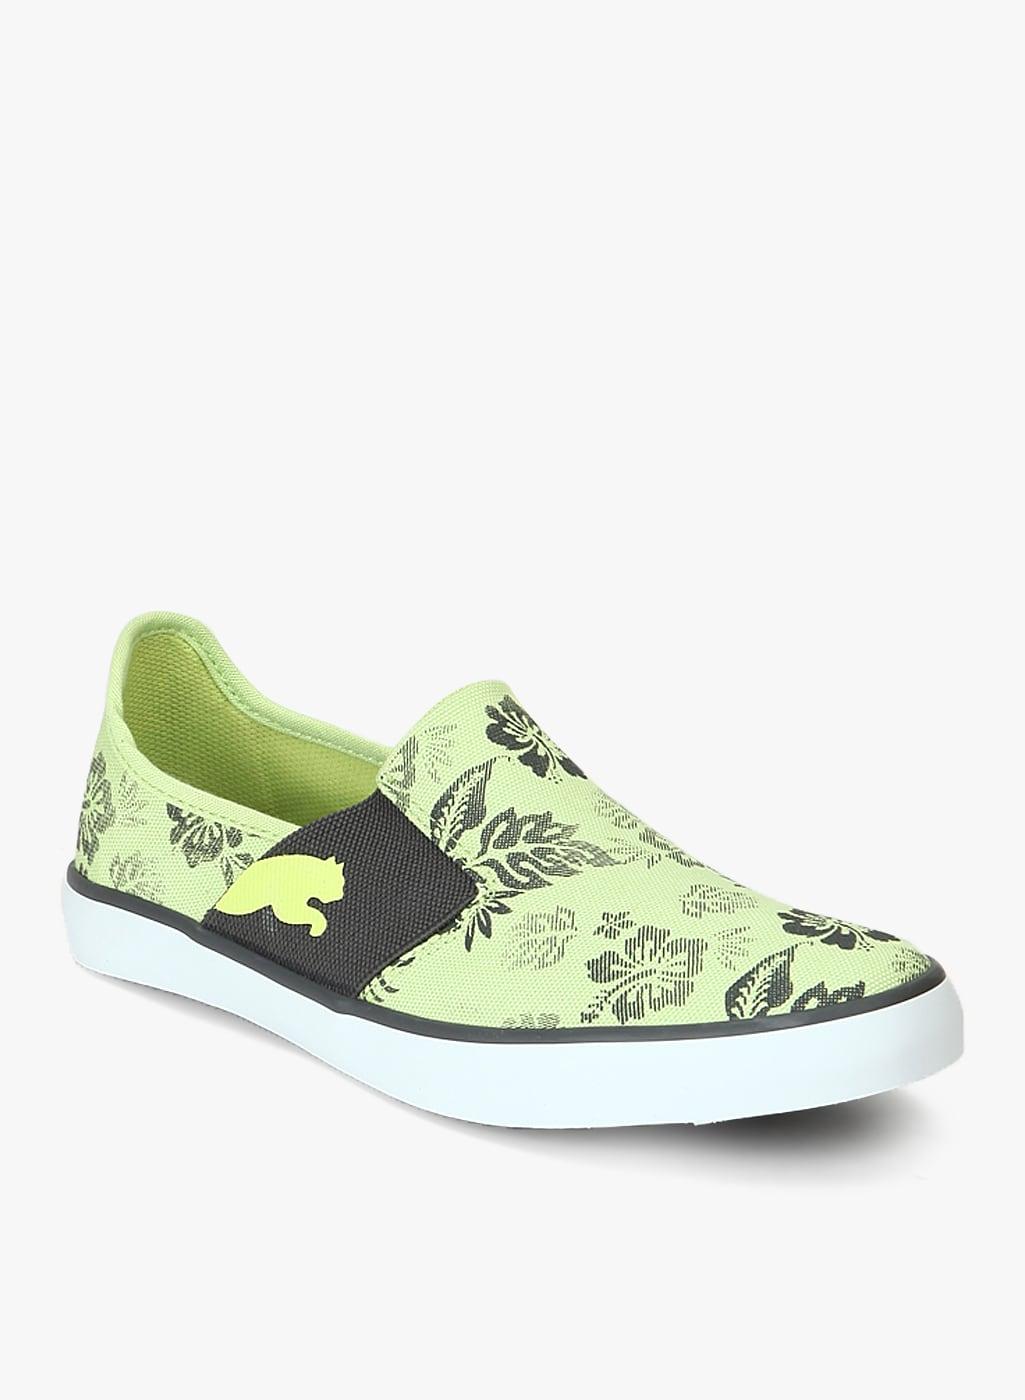 c505a237aed57 Women Footwear - Buy Footwear for Women   Girls Online